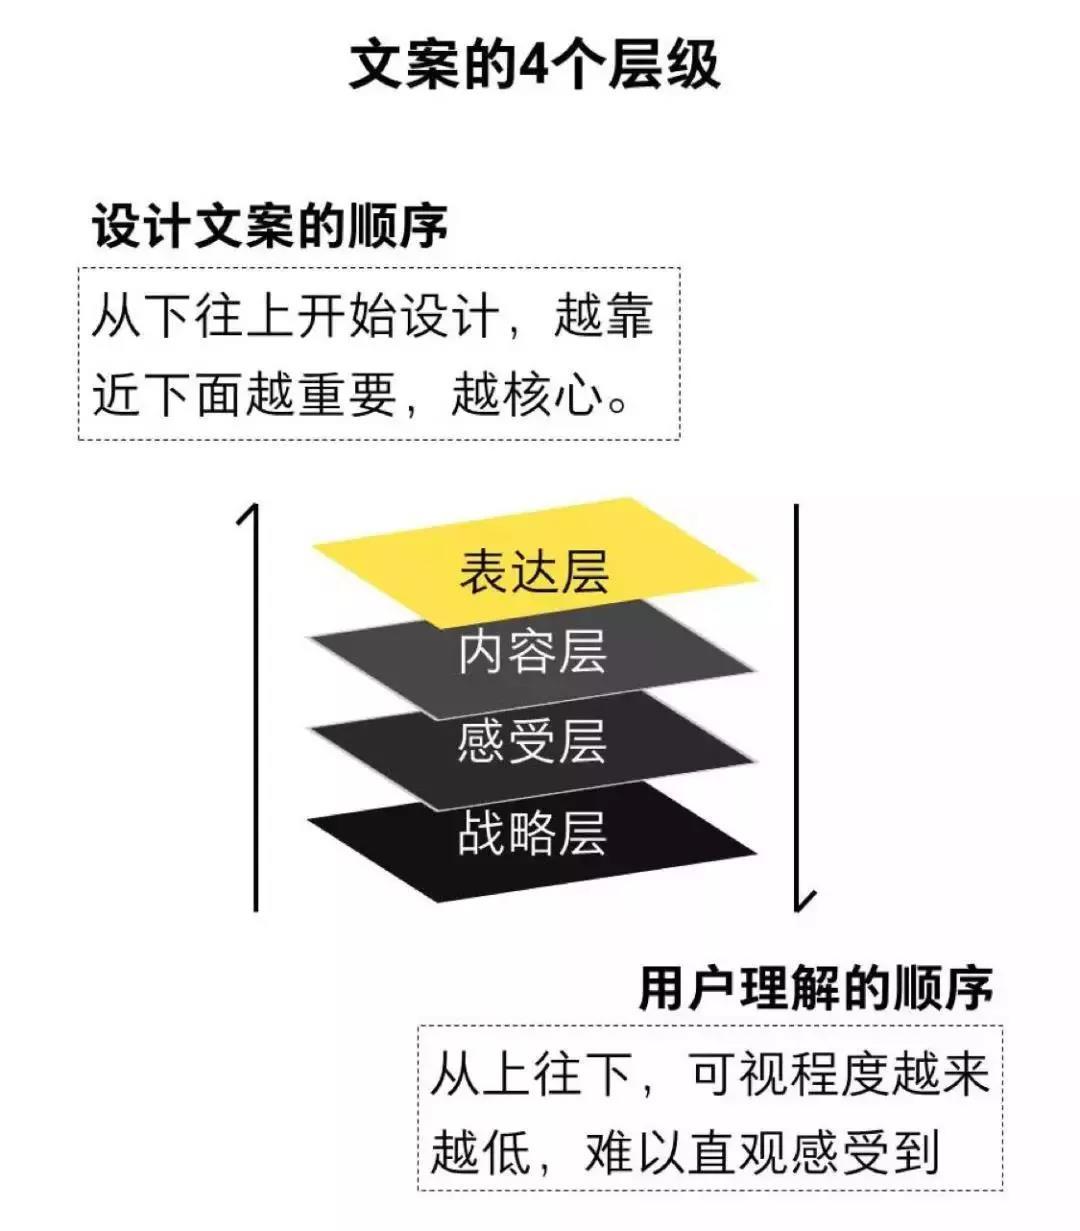 网络营销培训干货分享之文案的四个层级